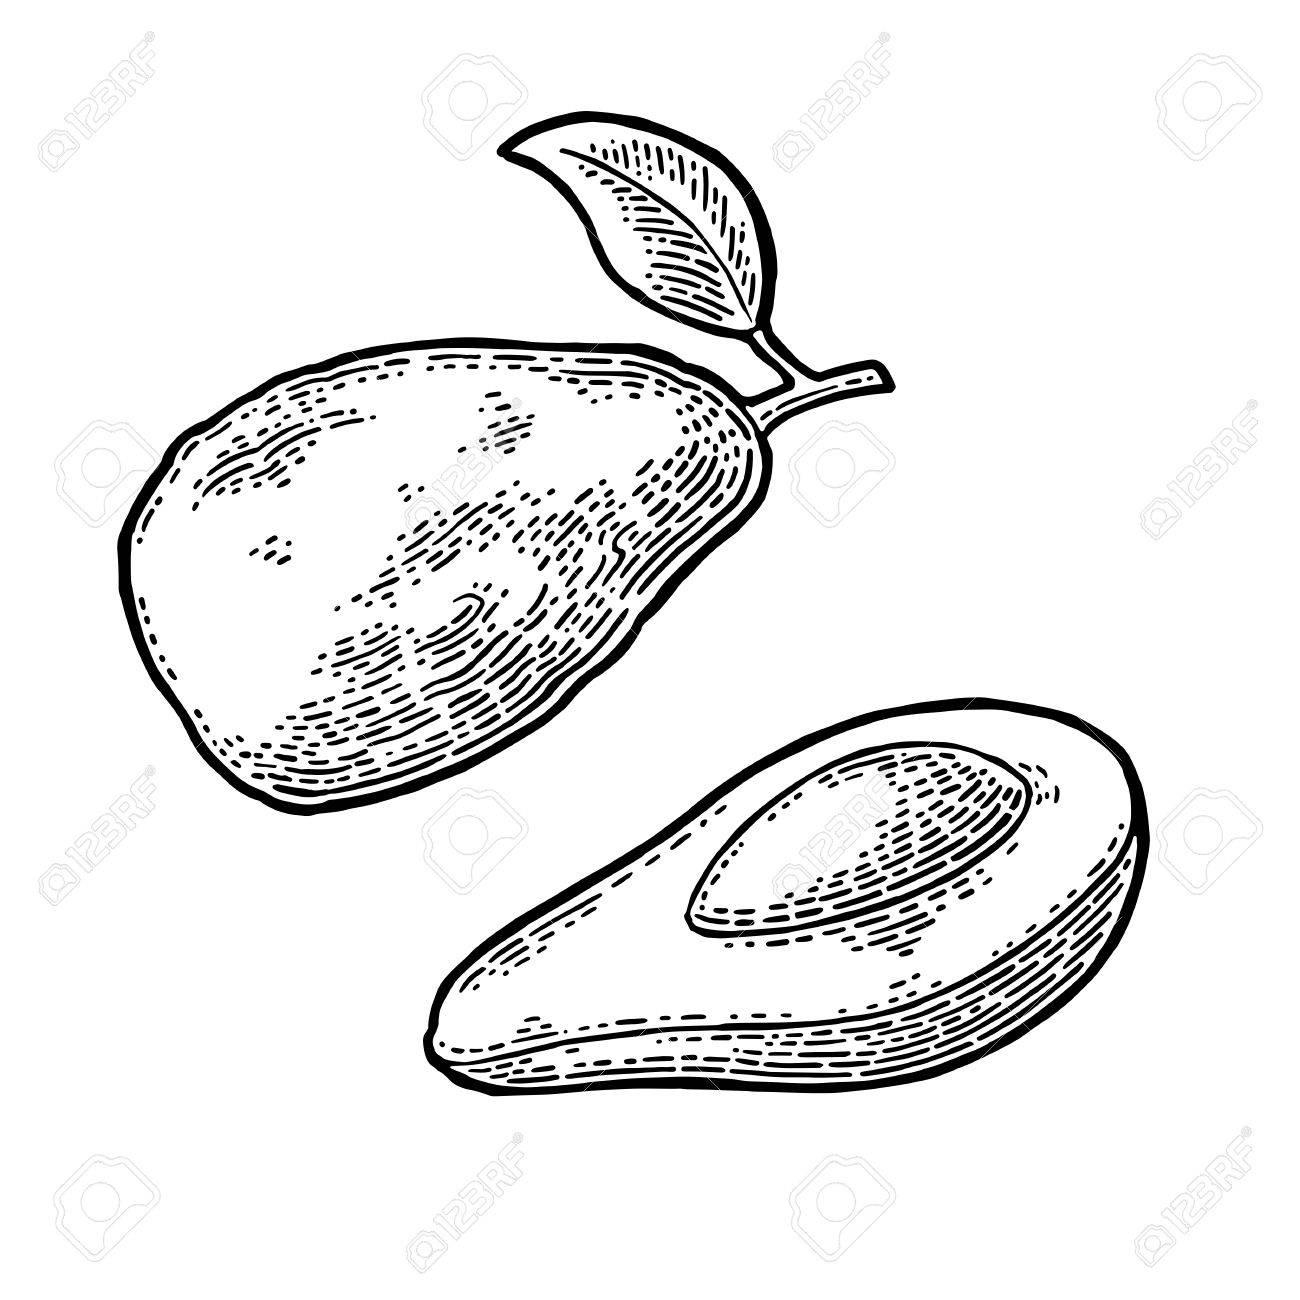 1300x1300 Half Avocado With Seed. Vector Vintage Engraving Color Royalty